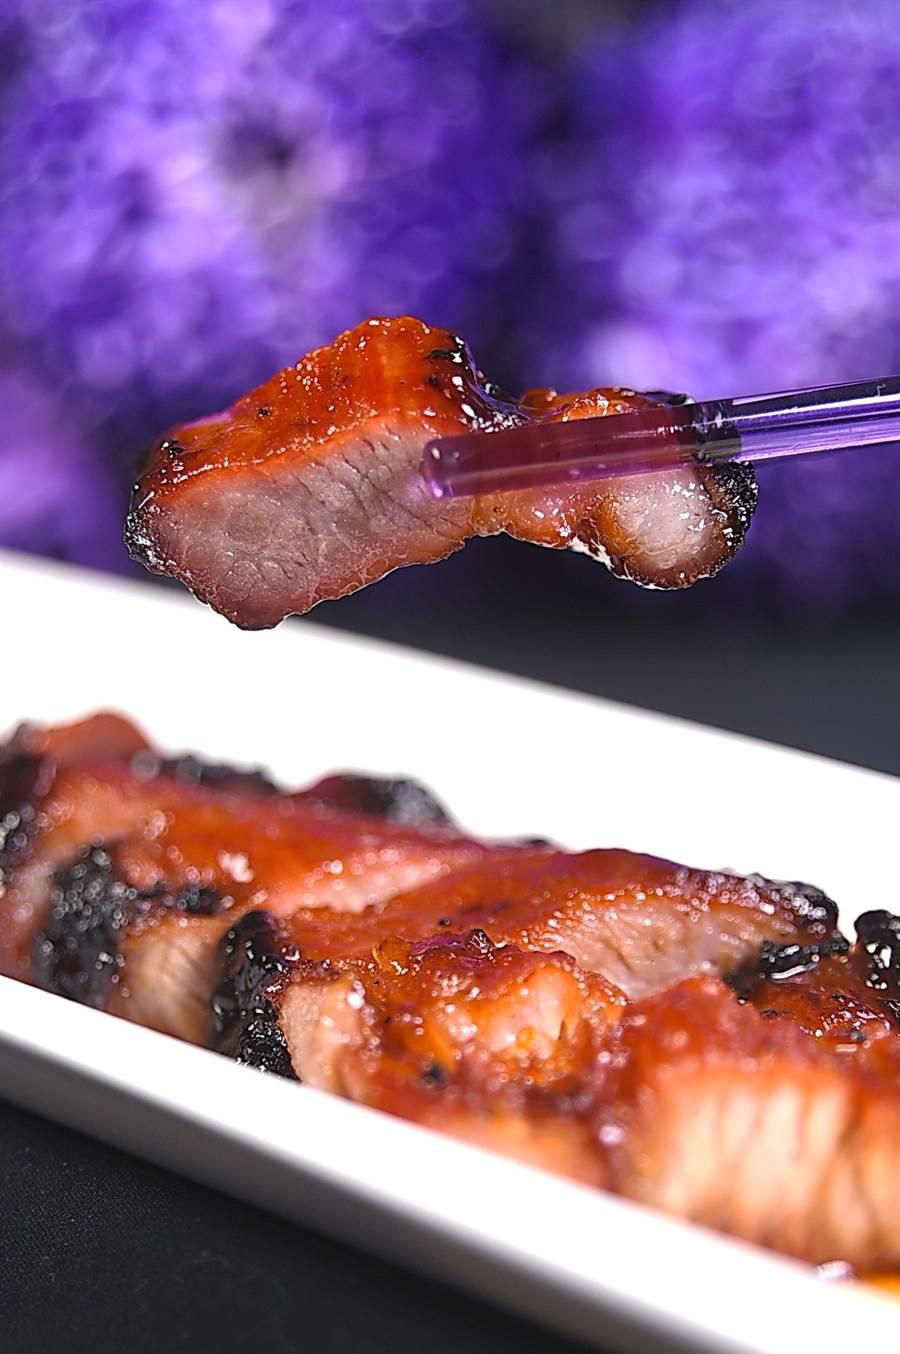 更改過食材後,現今〈紫艷〉的〈叉燒肉〉吃來更有滋有味。(攝影/姚舜)